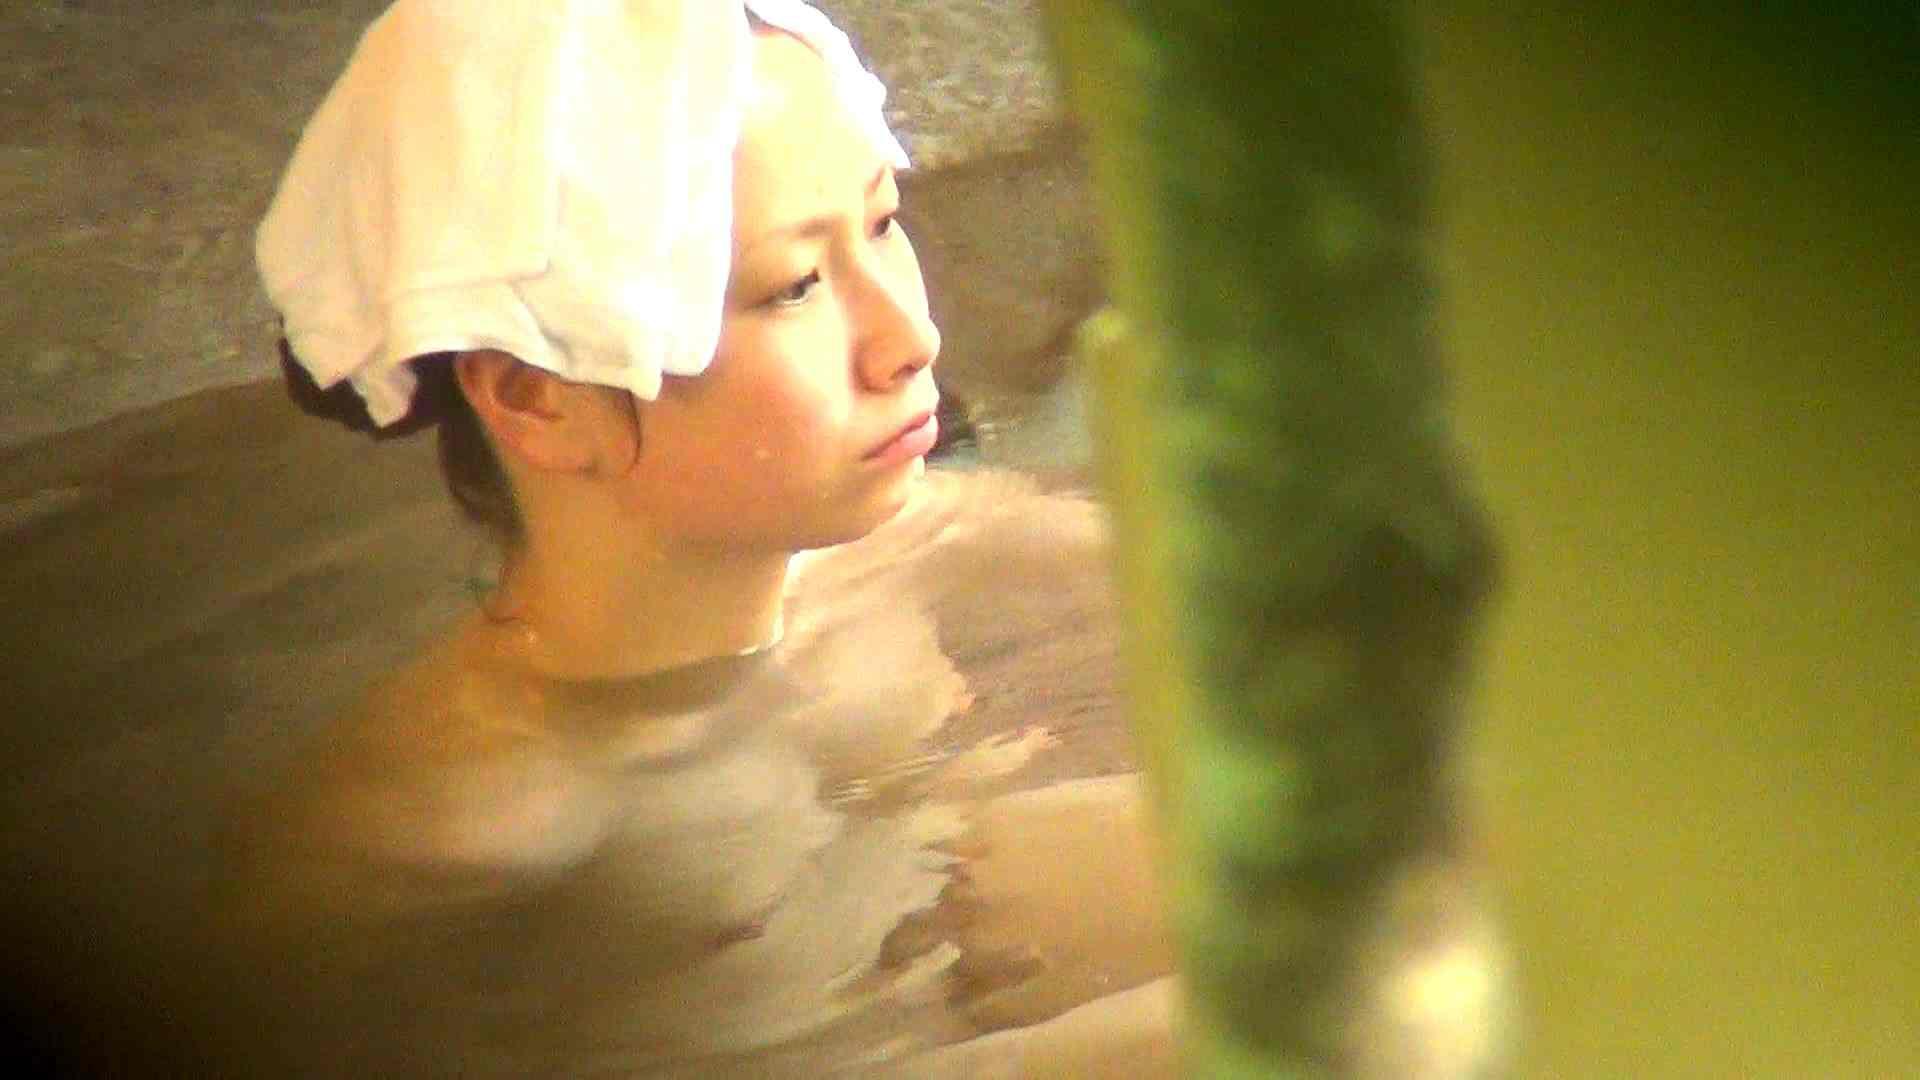 Aquaな露天風呂Vol.266 盗撮 | 綺麗なOLたち  94枚 76